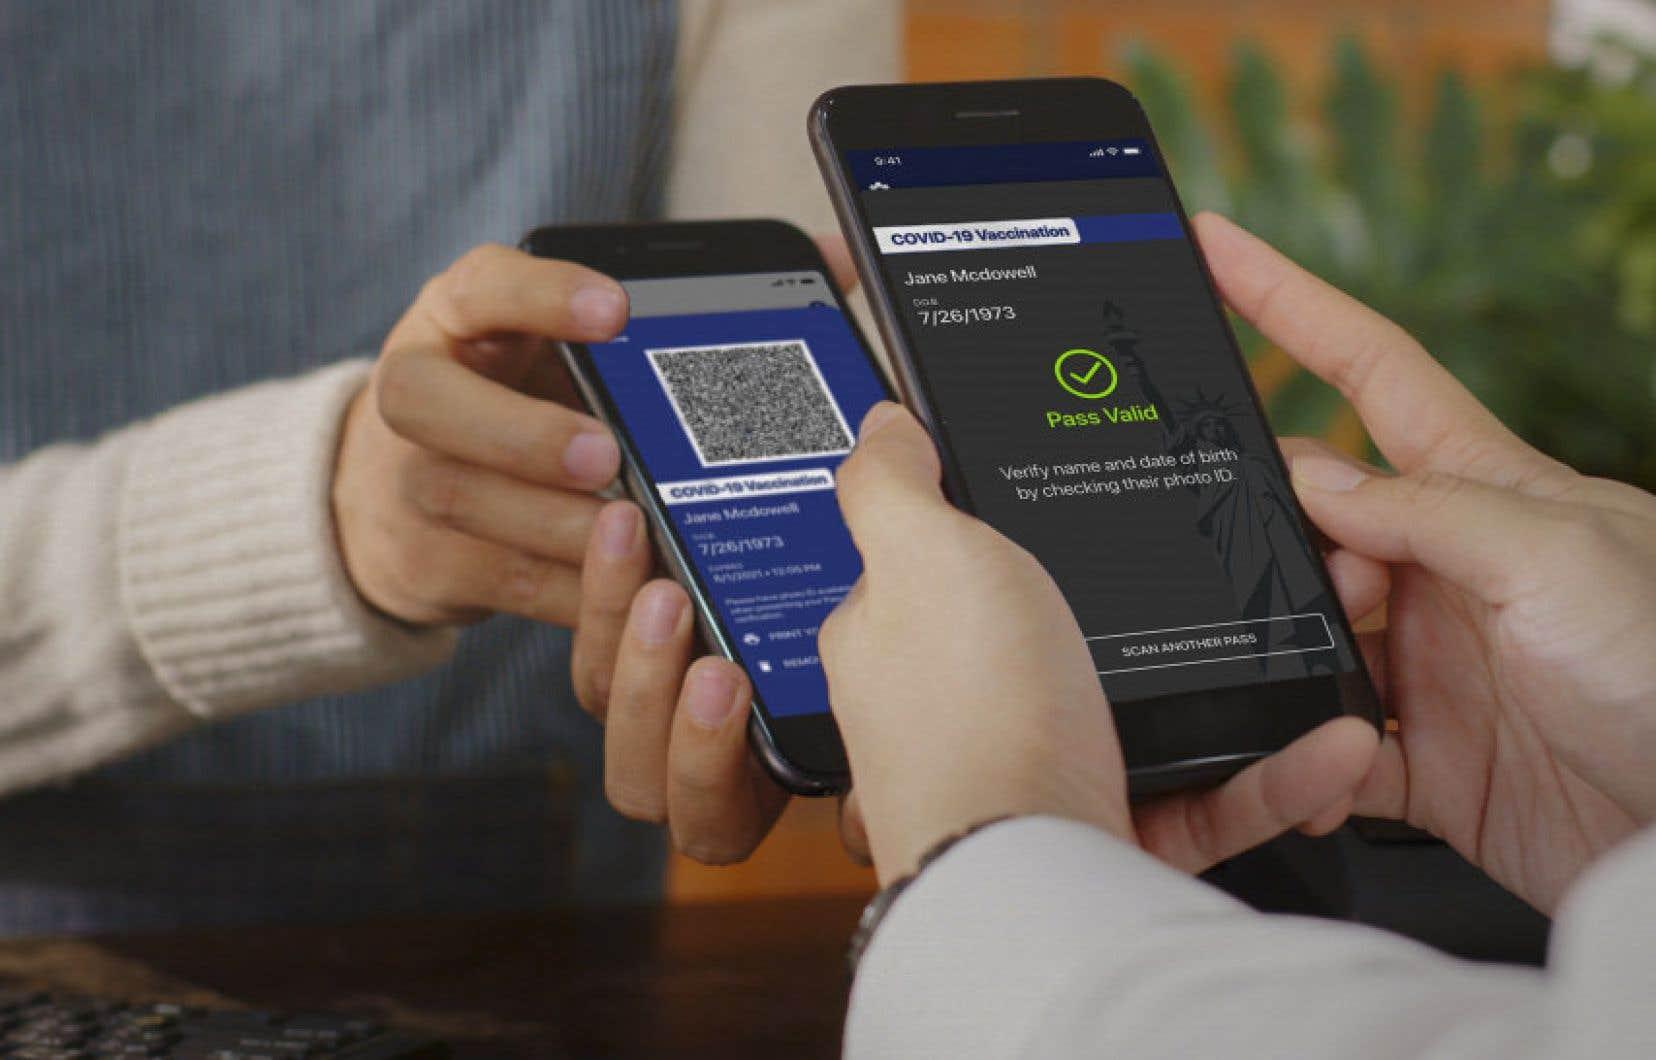 Ottawa croit avoir trouvé la solution aux enjeux de protection des données confidentielles sur ses sites Web: un outil de la firme torontoise SecureKey qui permet aux Canadiens de s'identifier à partir de leurs coordonnées bancaires.